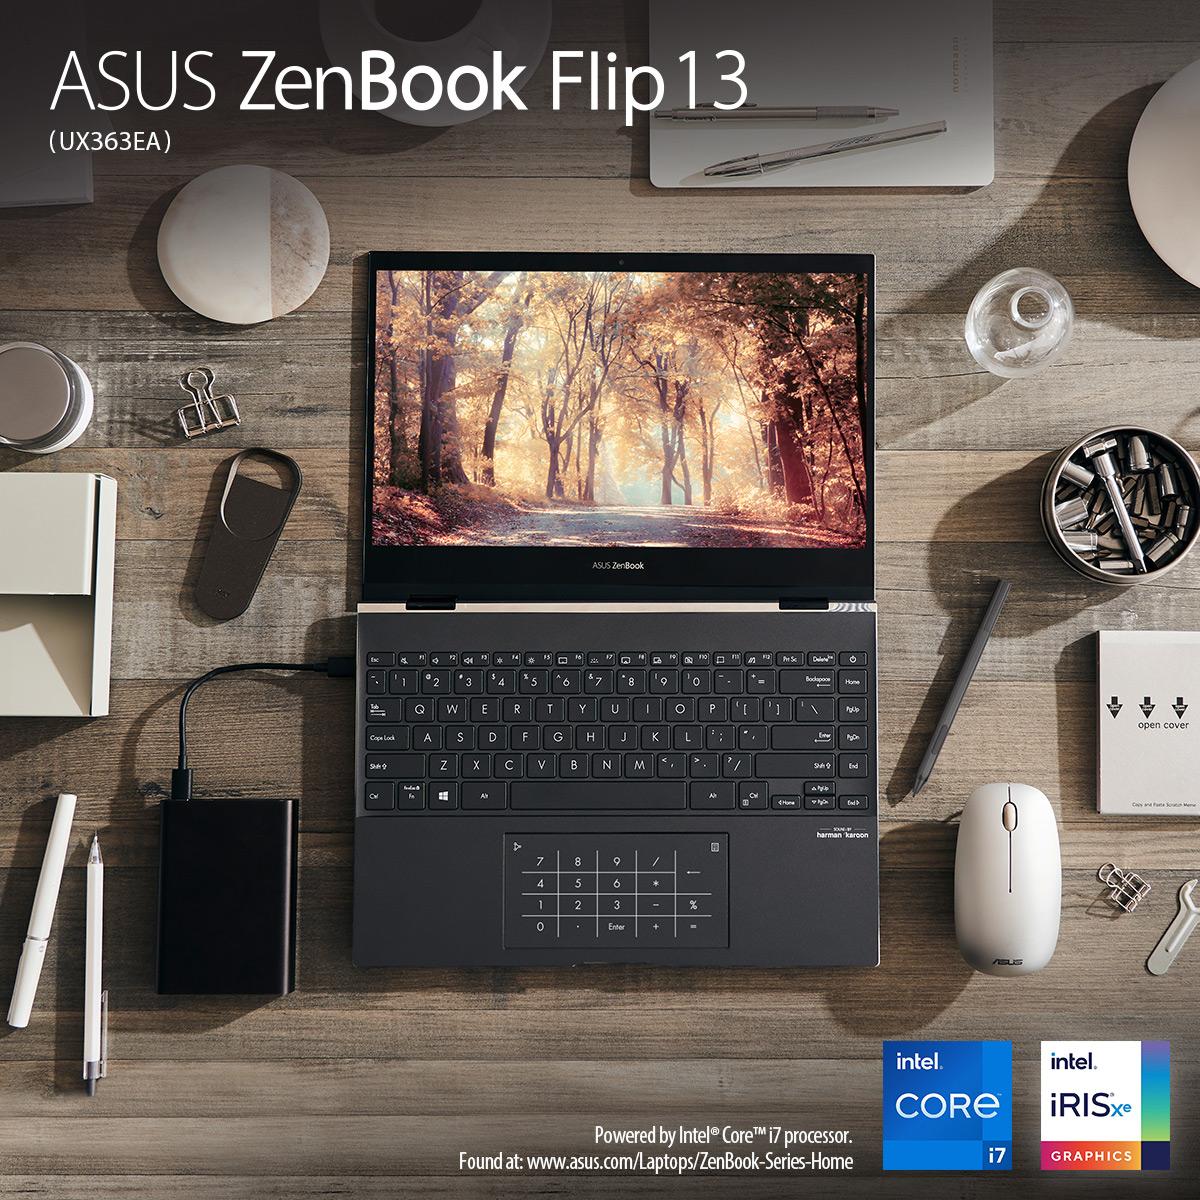 Как правильно выбрать ноутбук: 5 преимуществ ASUS ZenBook Flip 13